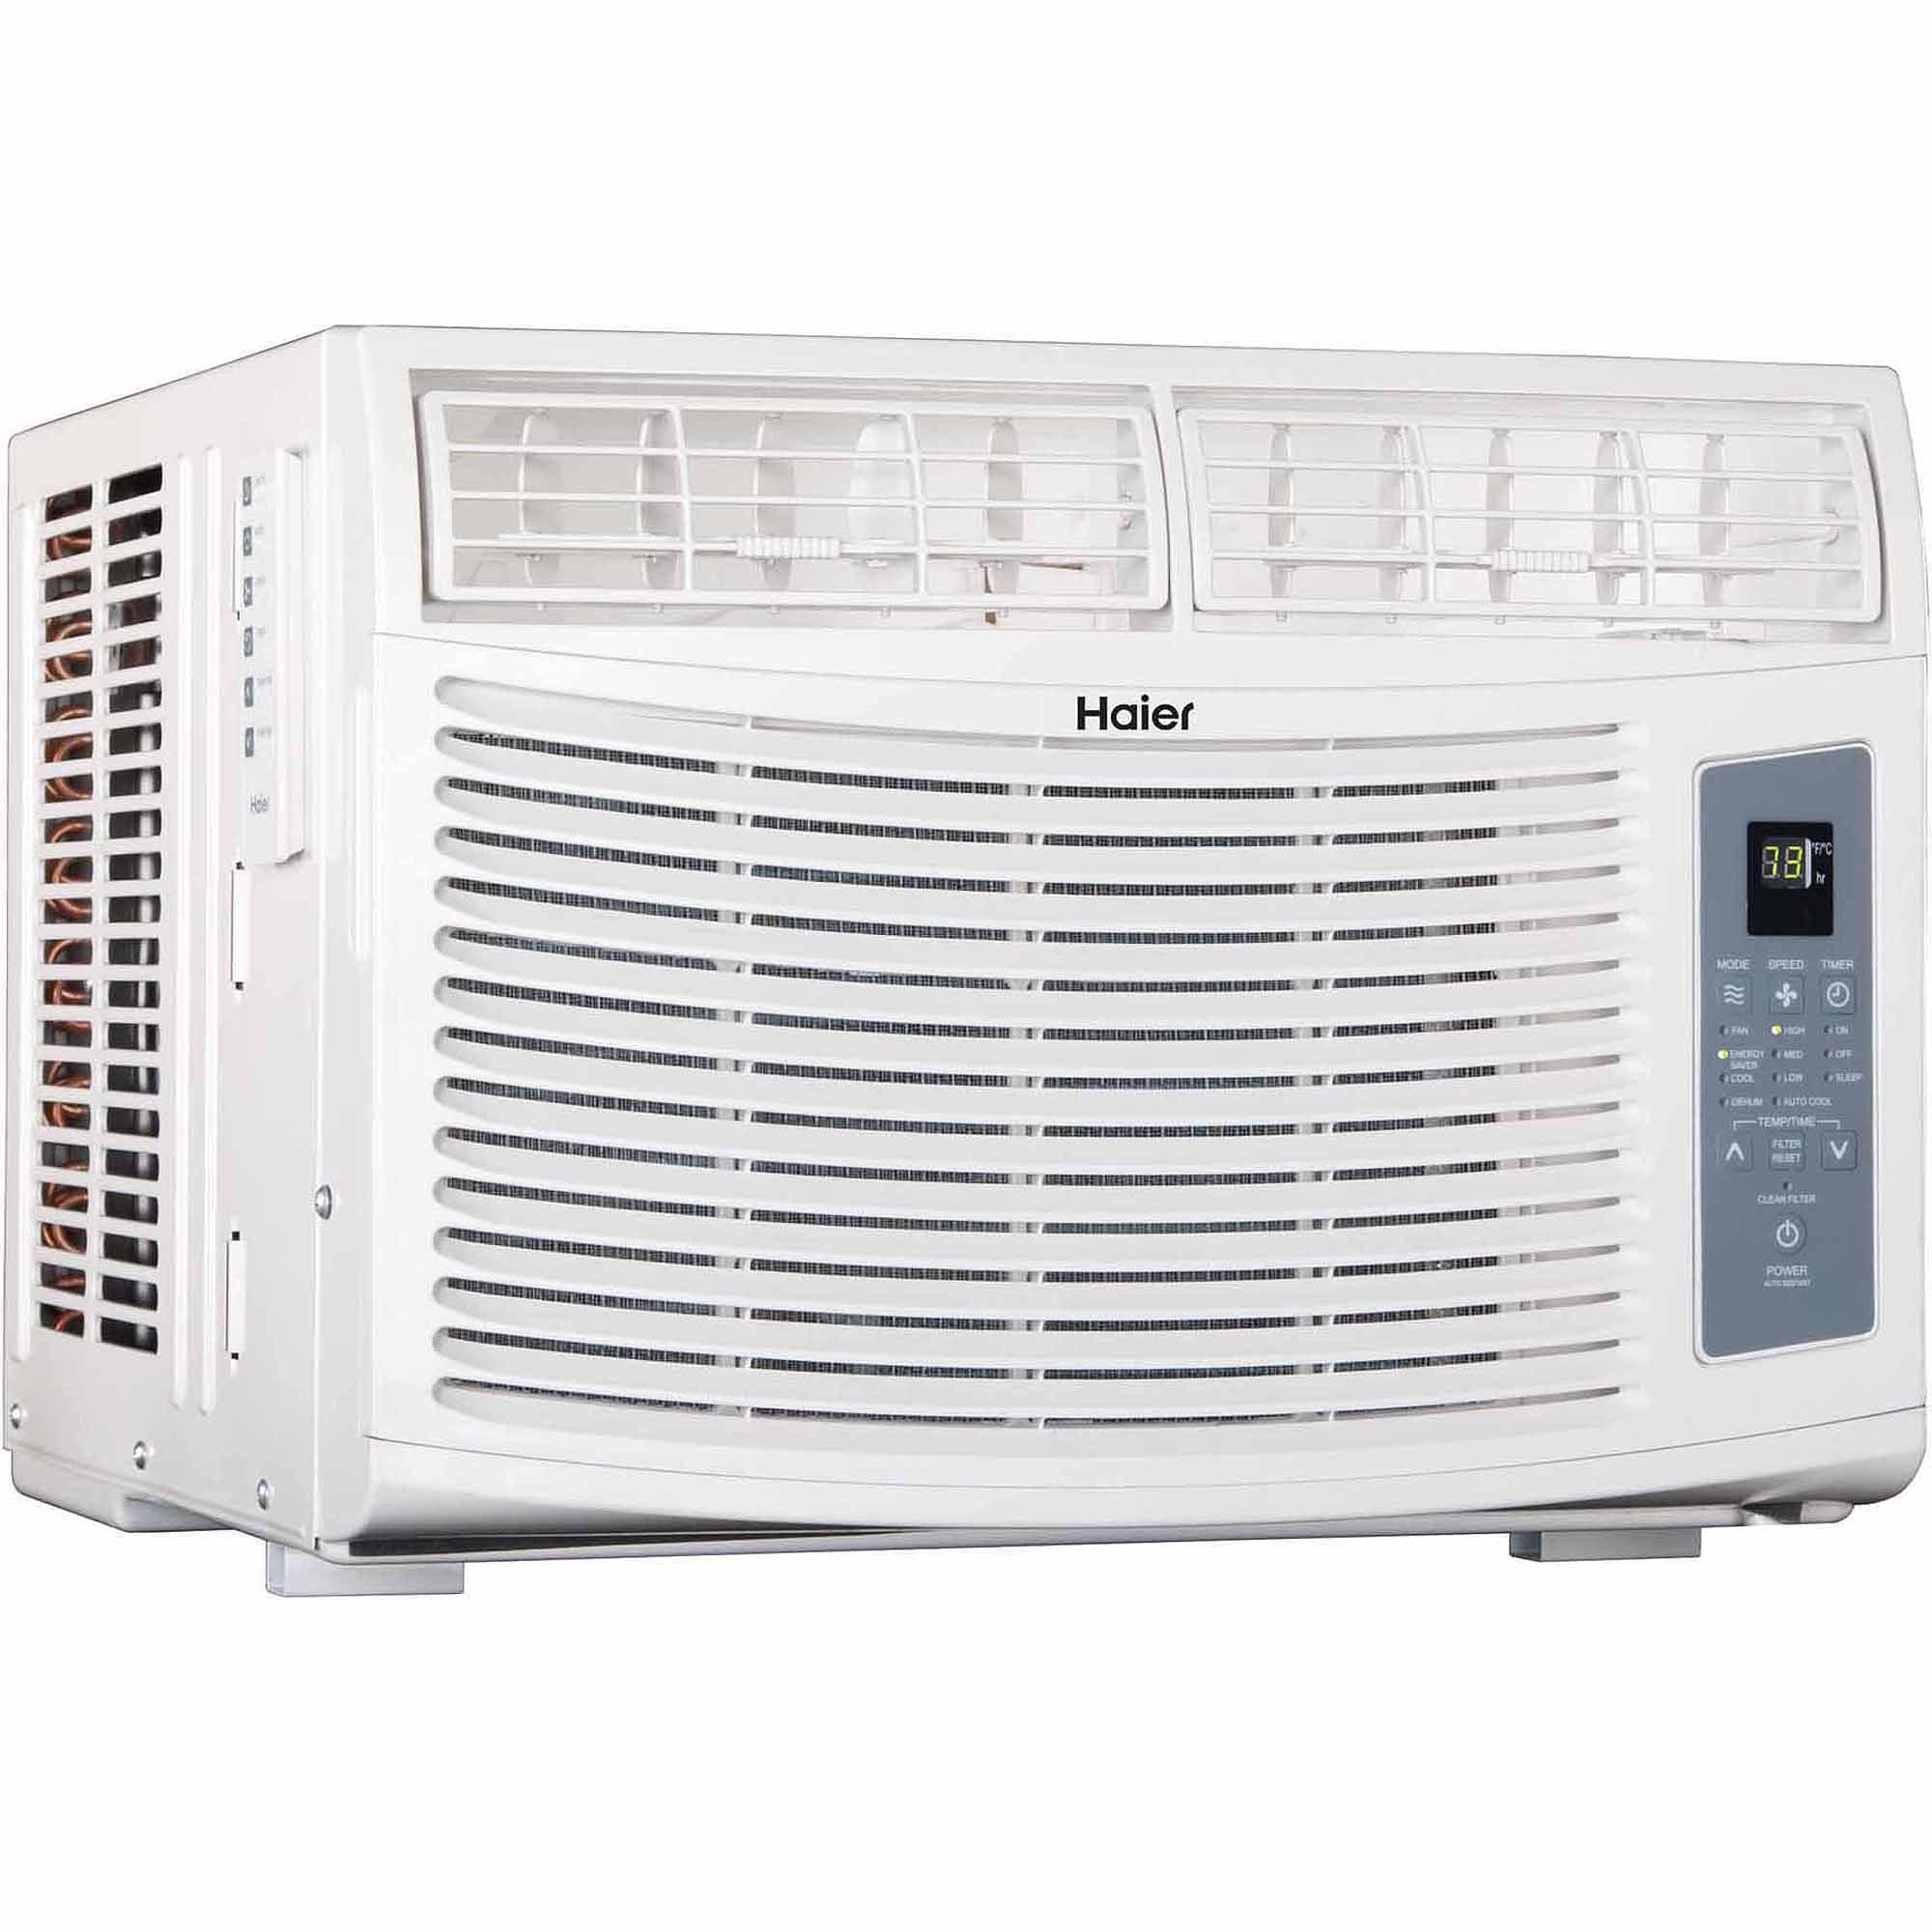 Haier ESA410N-L 10,000-BTU Air Conditioner, White - Walmart com